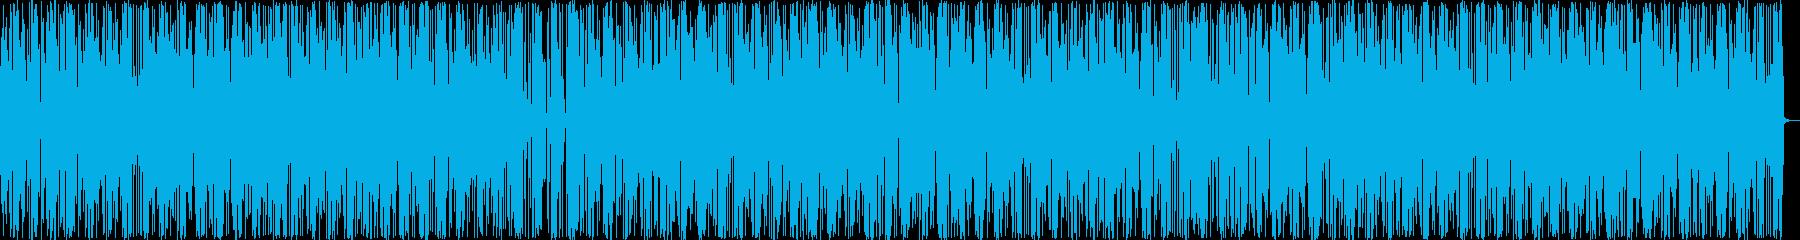 奇妙奇天烈なトリックやマジック(魔術)の再生済みの波形